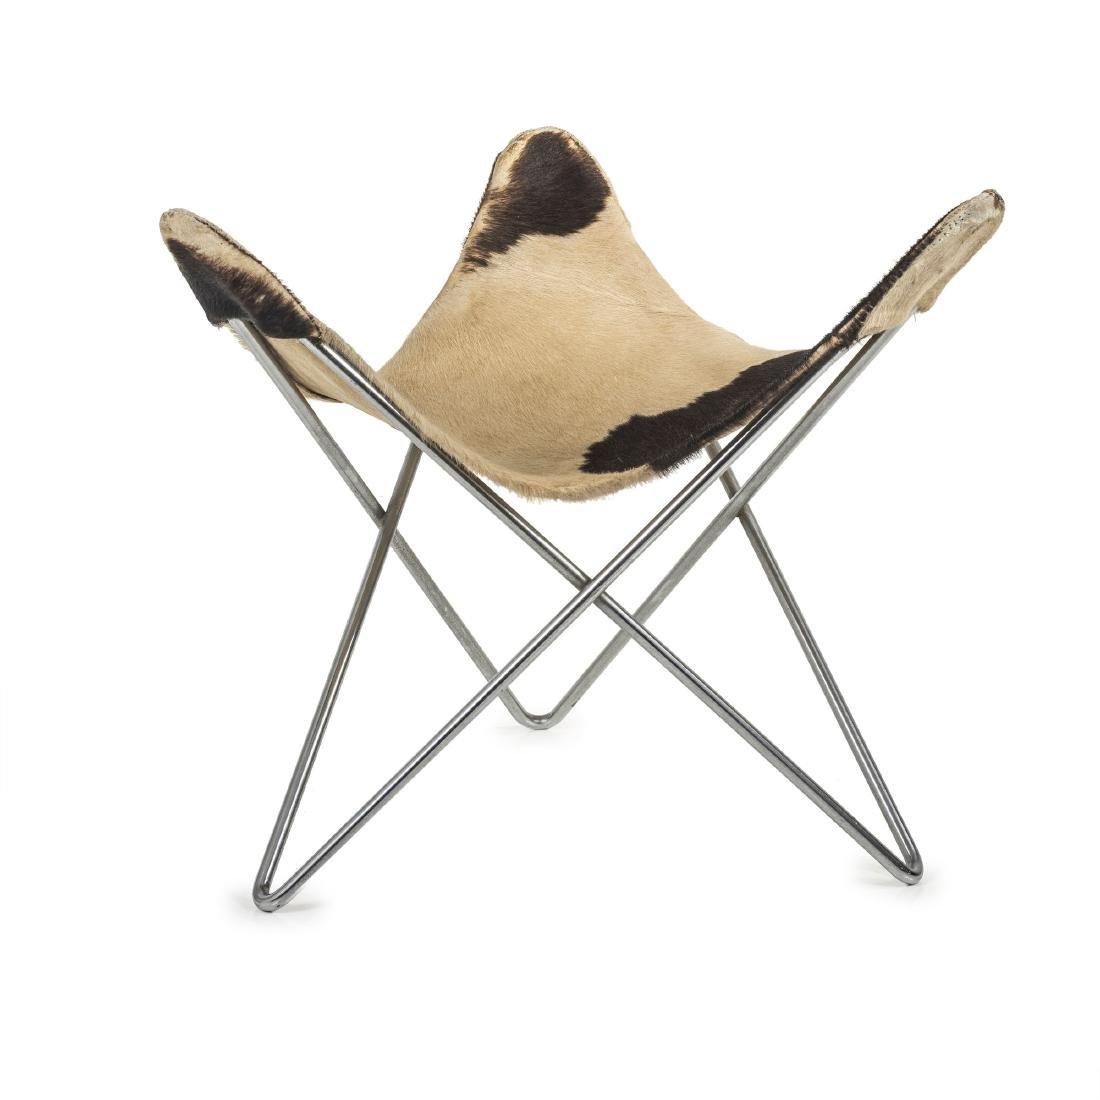 'Bat' - 'Butterfly' stool, c. 1952